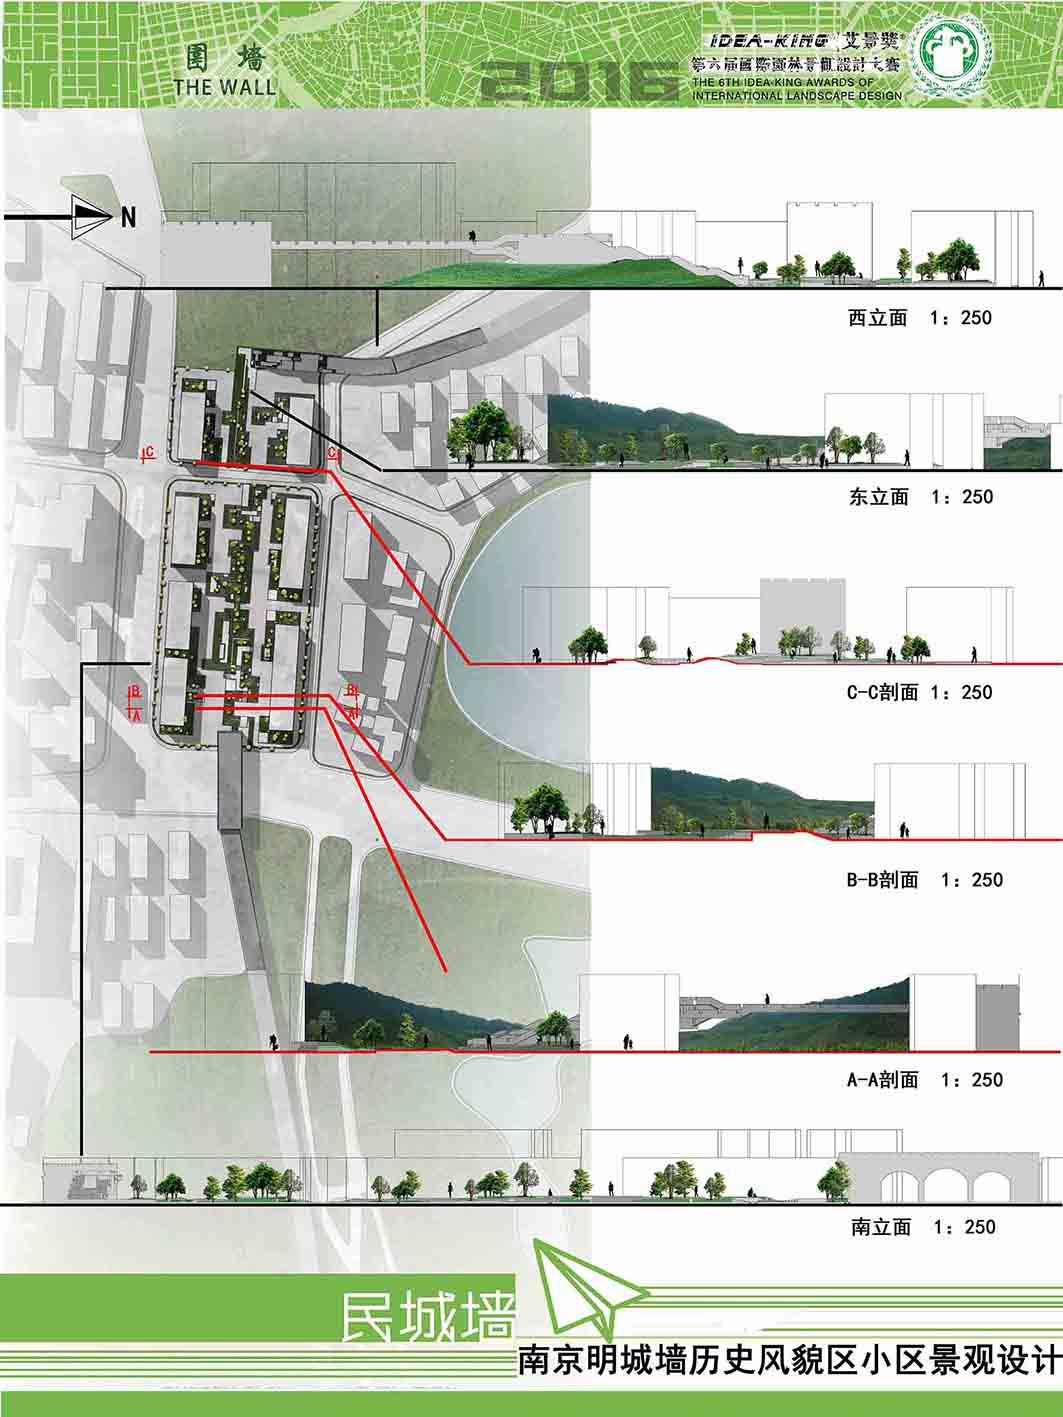 民城墙•南京明城墙历史风貌区小区景观设计